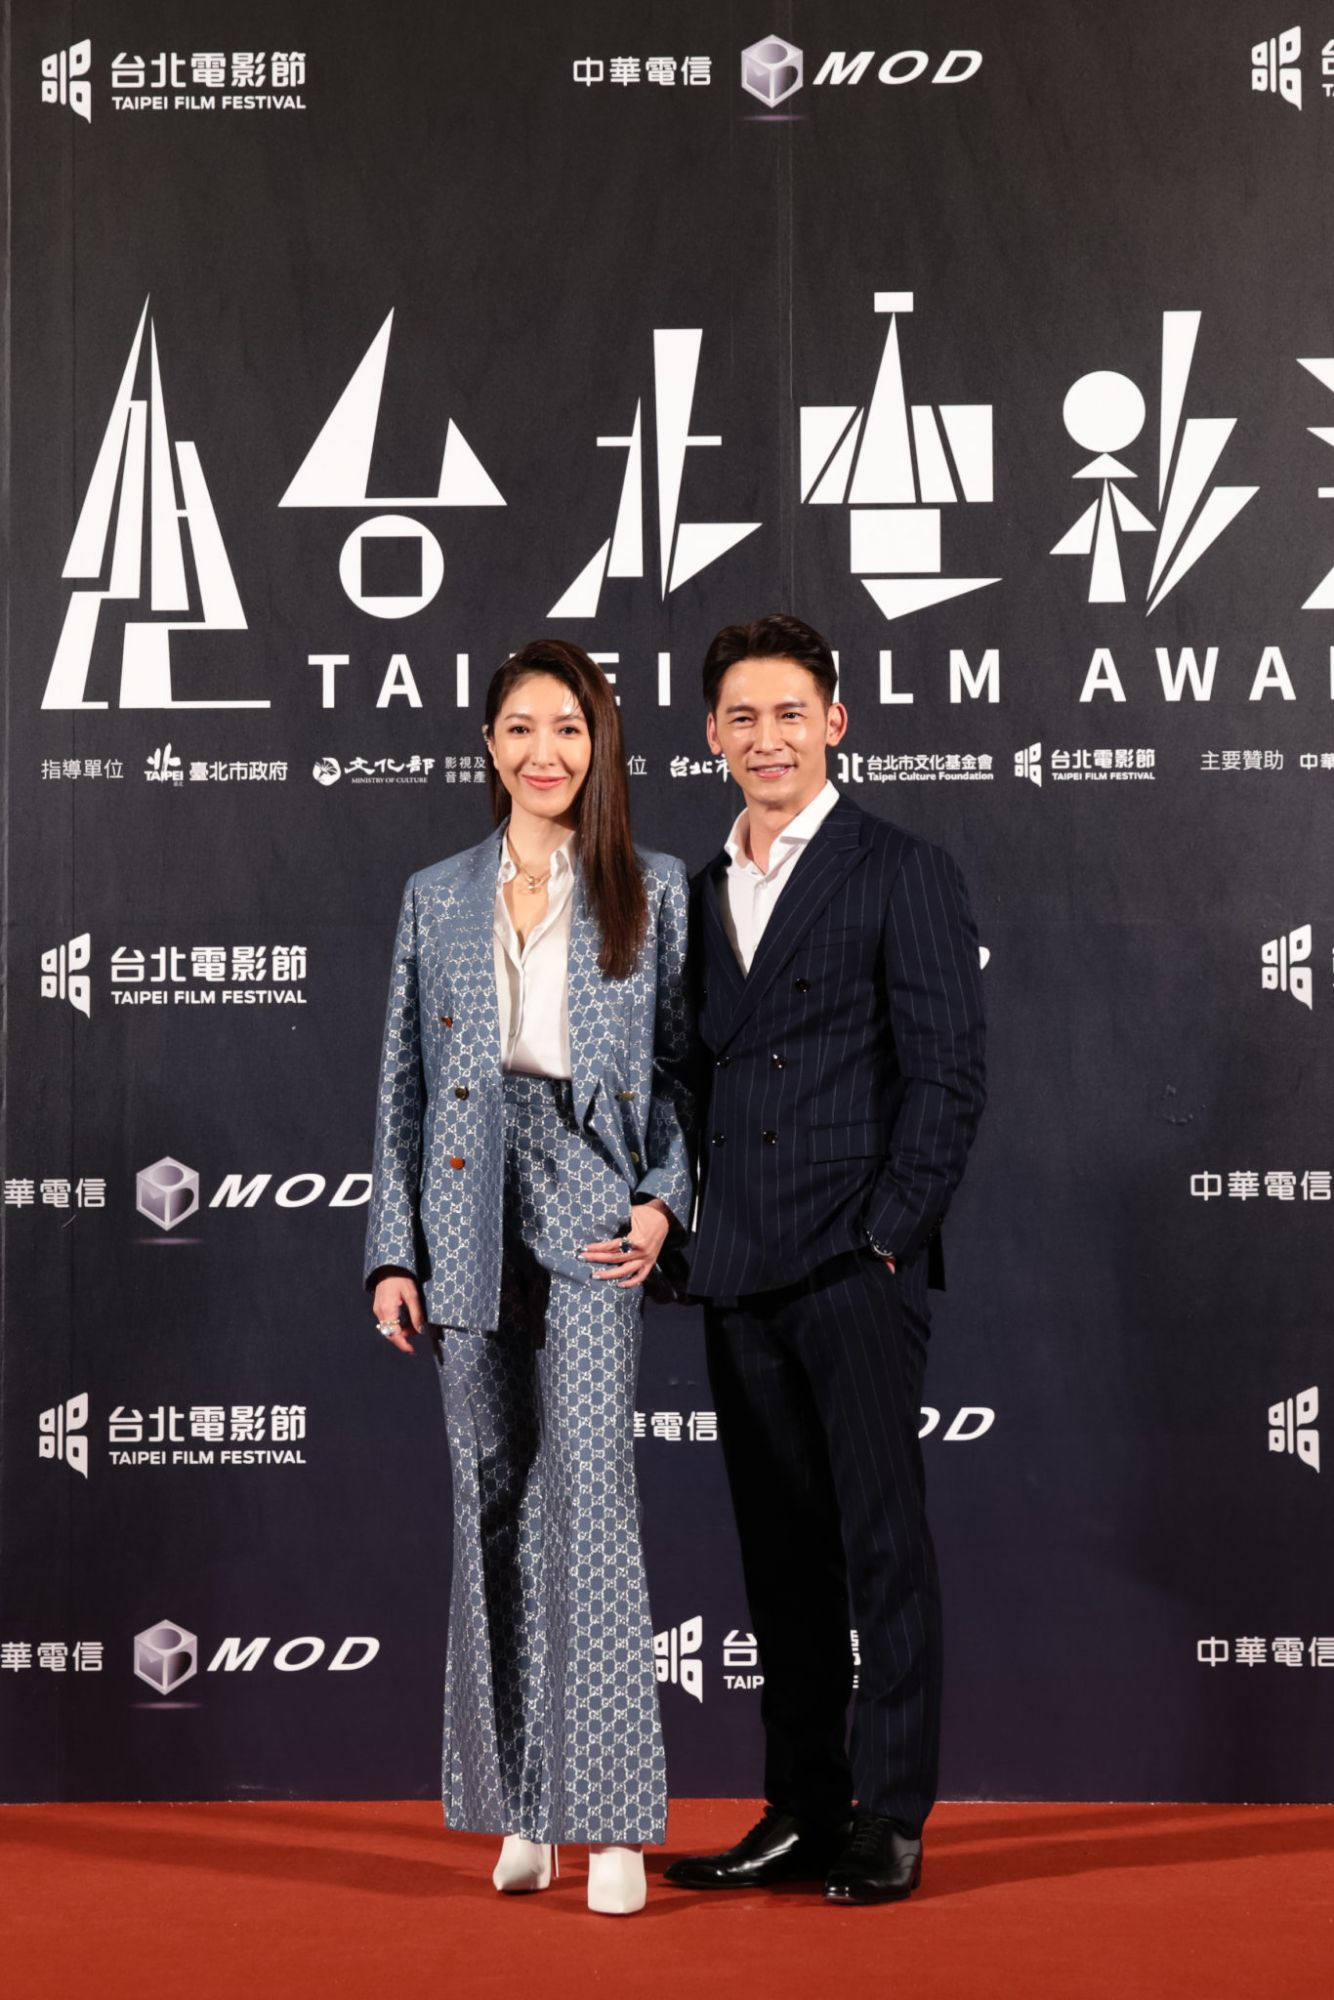 2020台北電影獎頒獎人溫昇豪身著BOSS海軍藍條紋劍領雙排扣西裝出席盛會(圖片為品牌提供。)